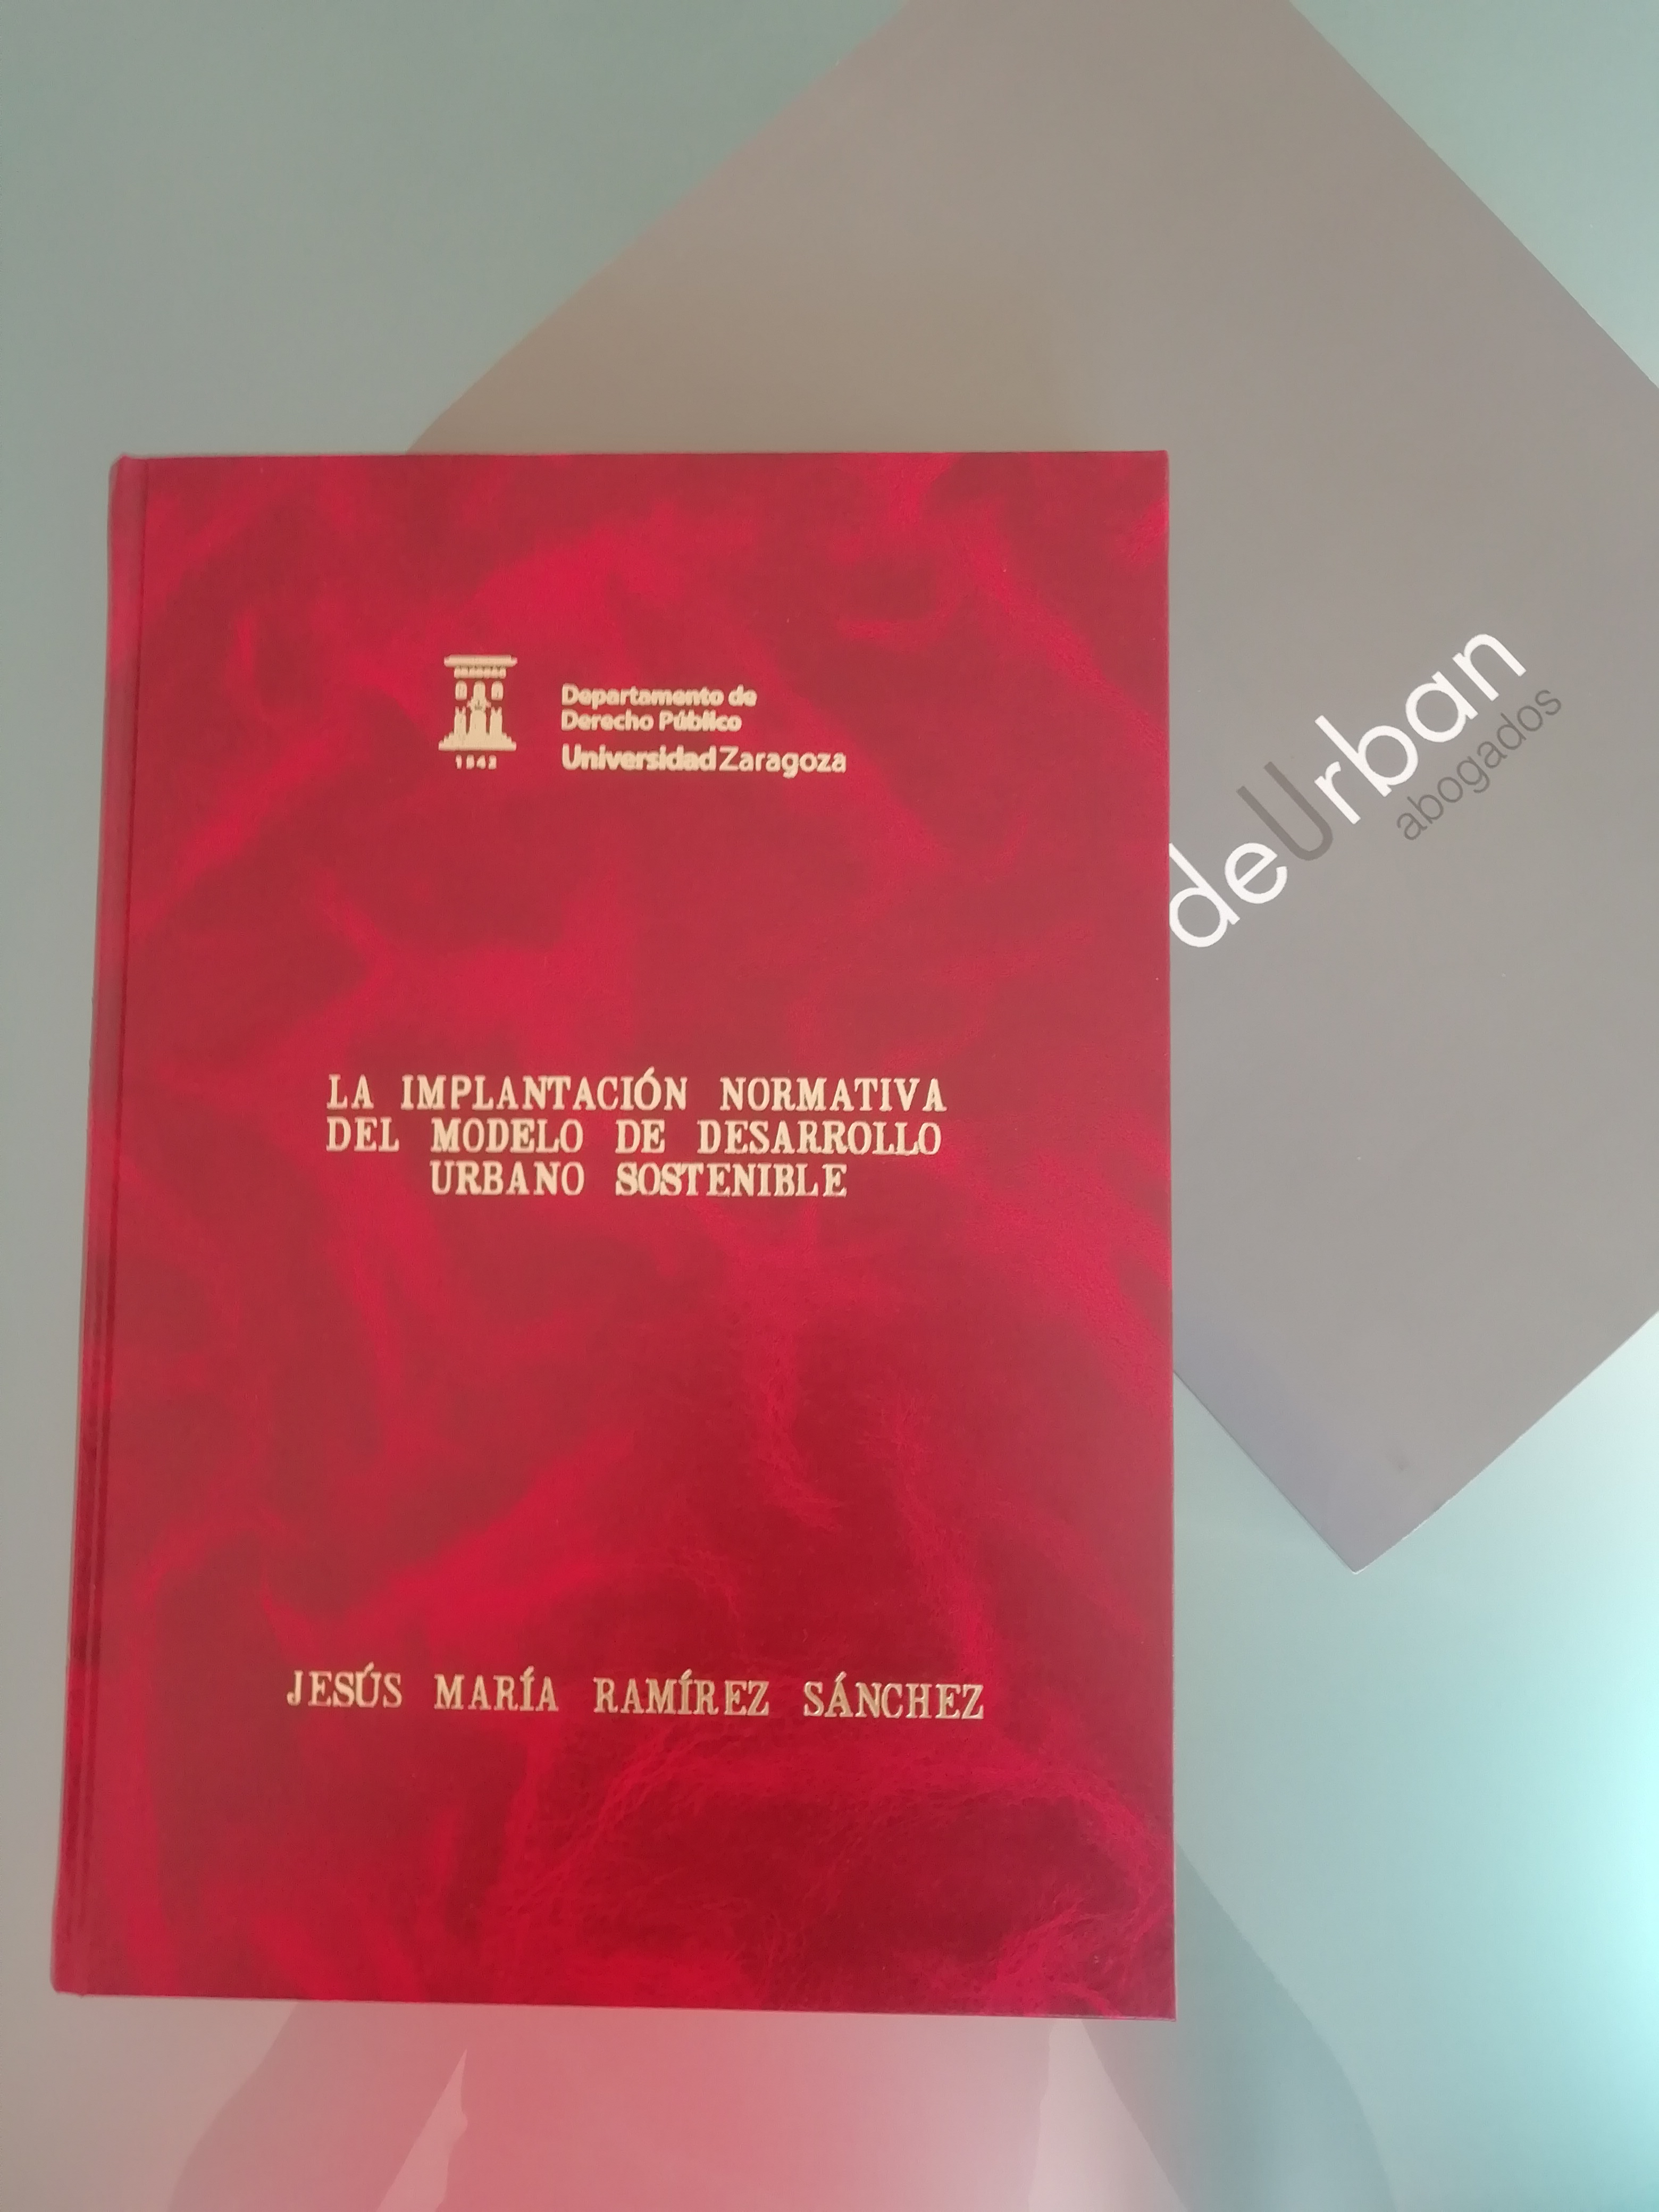 Tesis Doctoral: La Implantación Normativa Del Modelo De Desarrollo Urbano Sostenible